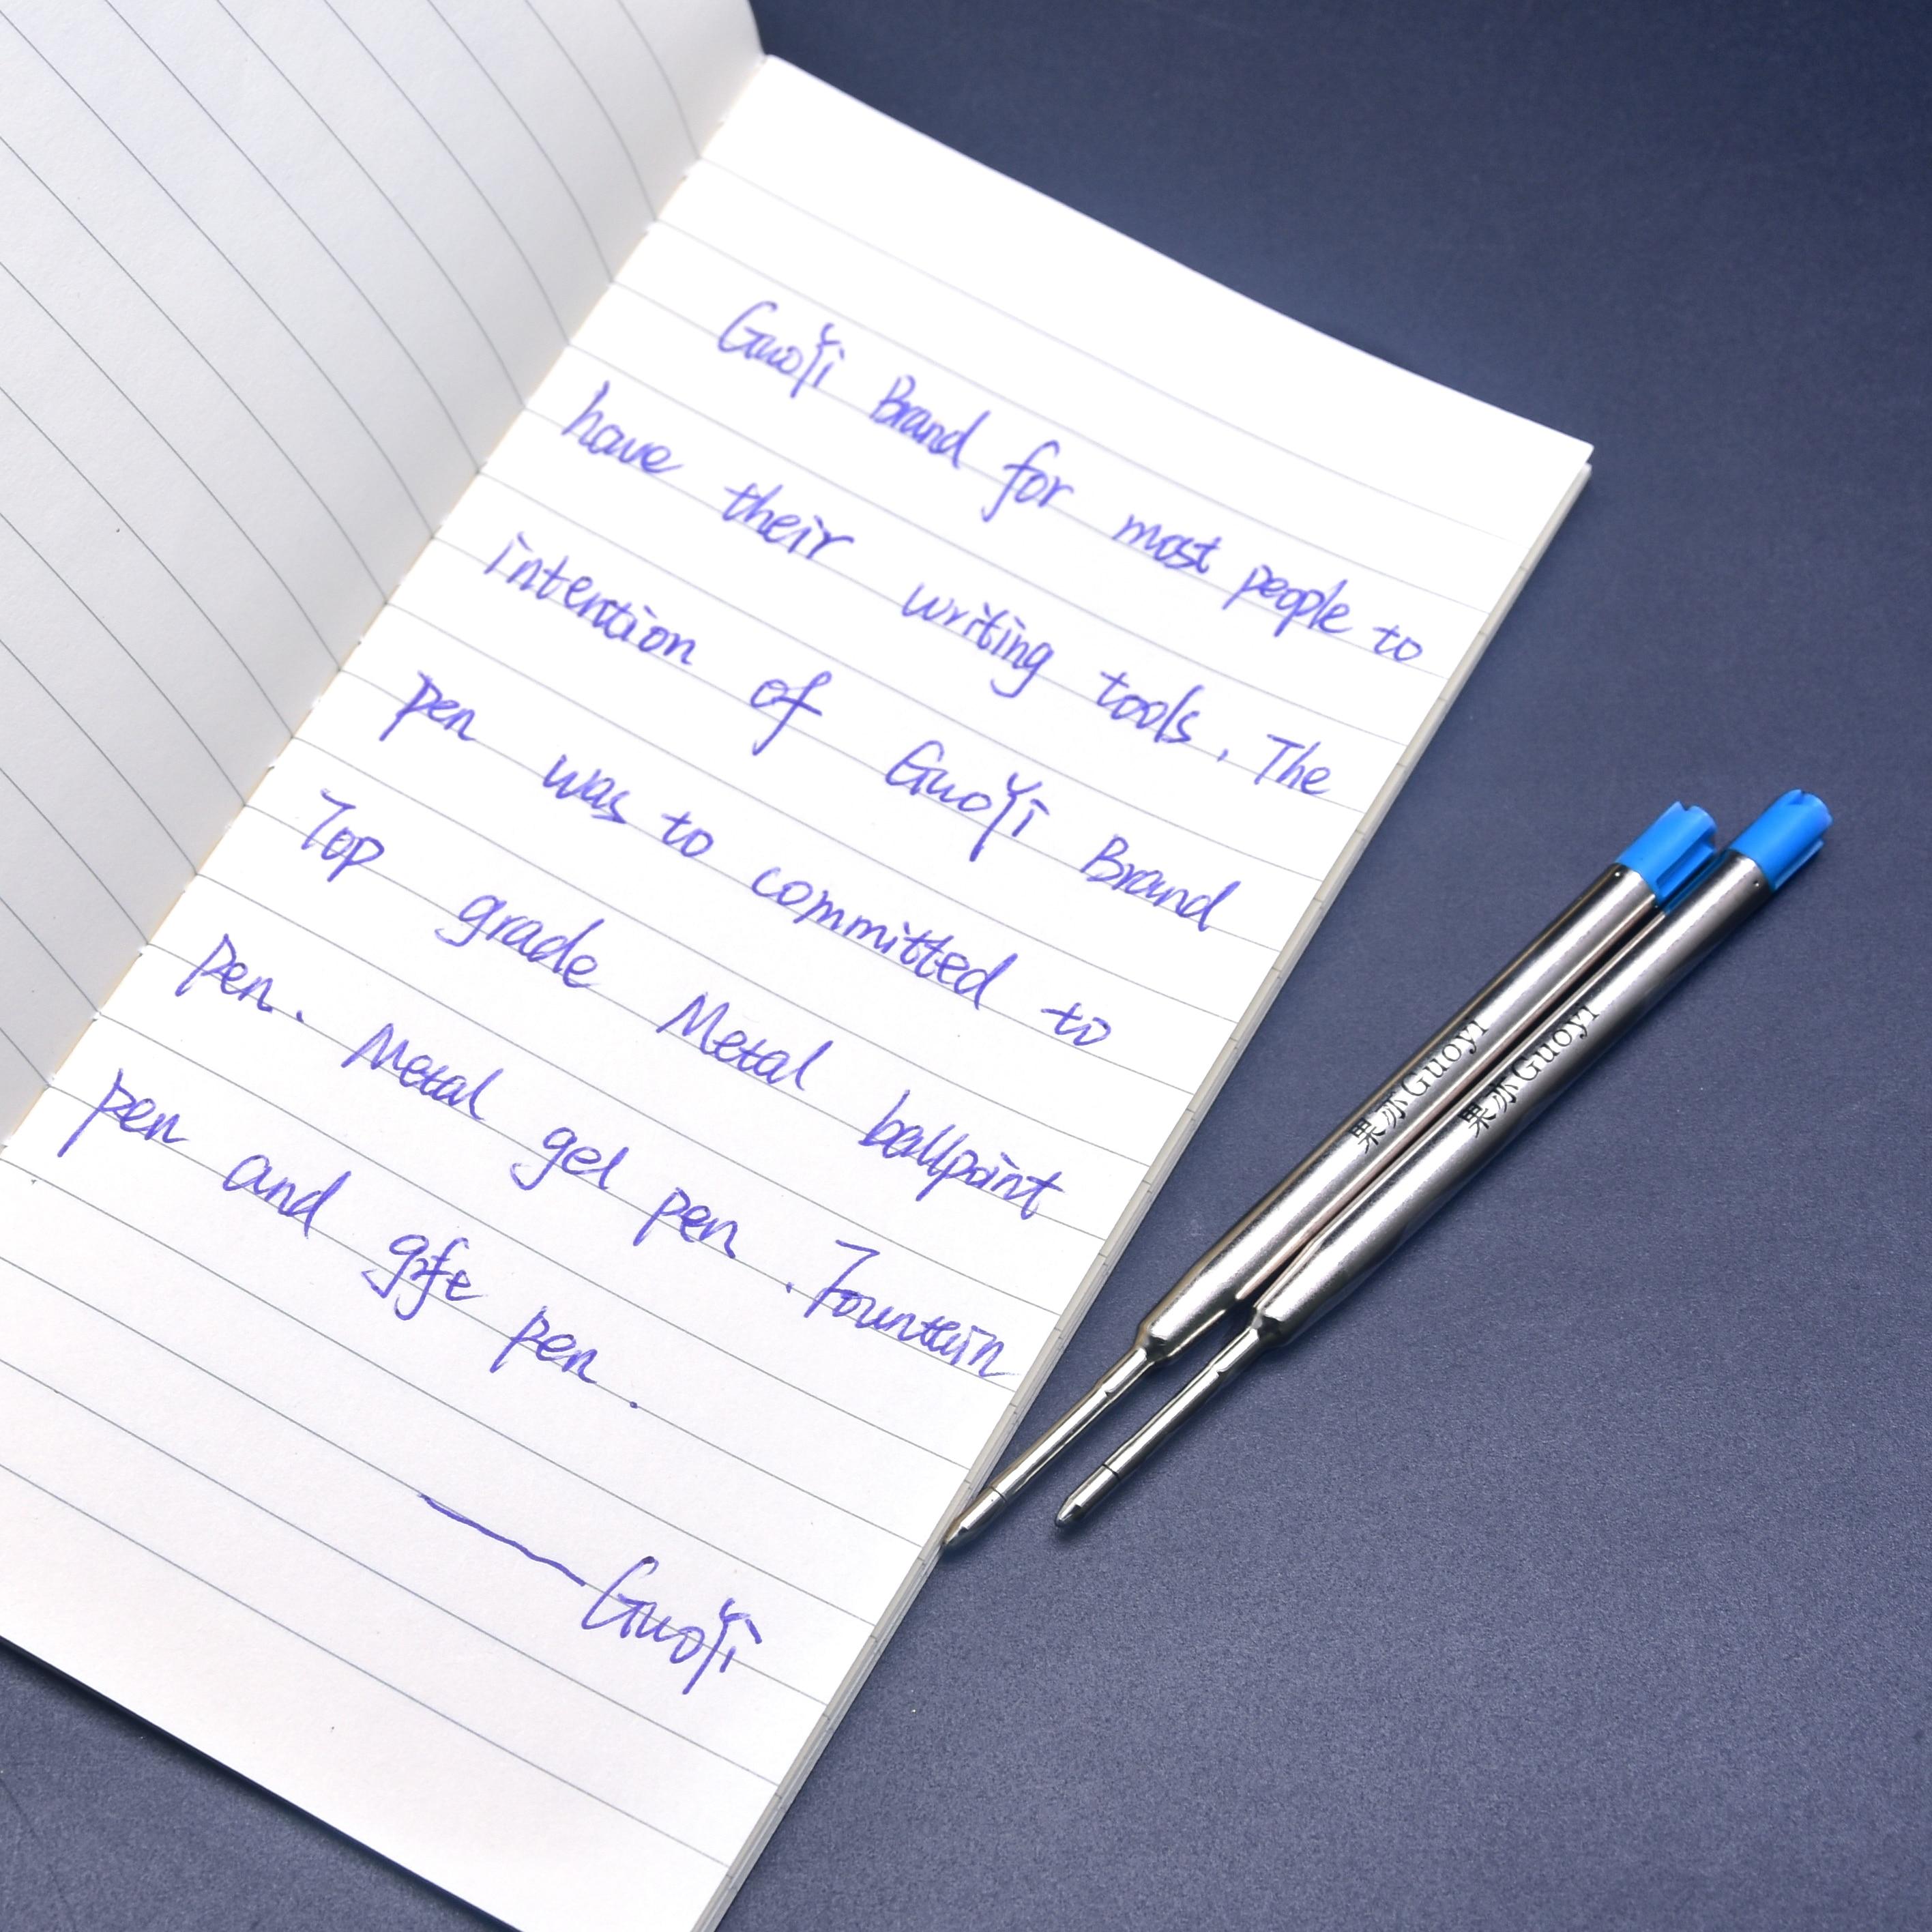 Guoyi K088 nouveau stylo à bille recharge 400 pc/Lot pour école bureau papeterie cadeau stylo hôtel entreprise écriture longueur 700m stylo-in Recharge pour stylo from Fournitures scolaires et de bureau    2